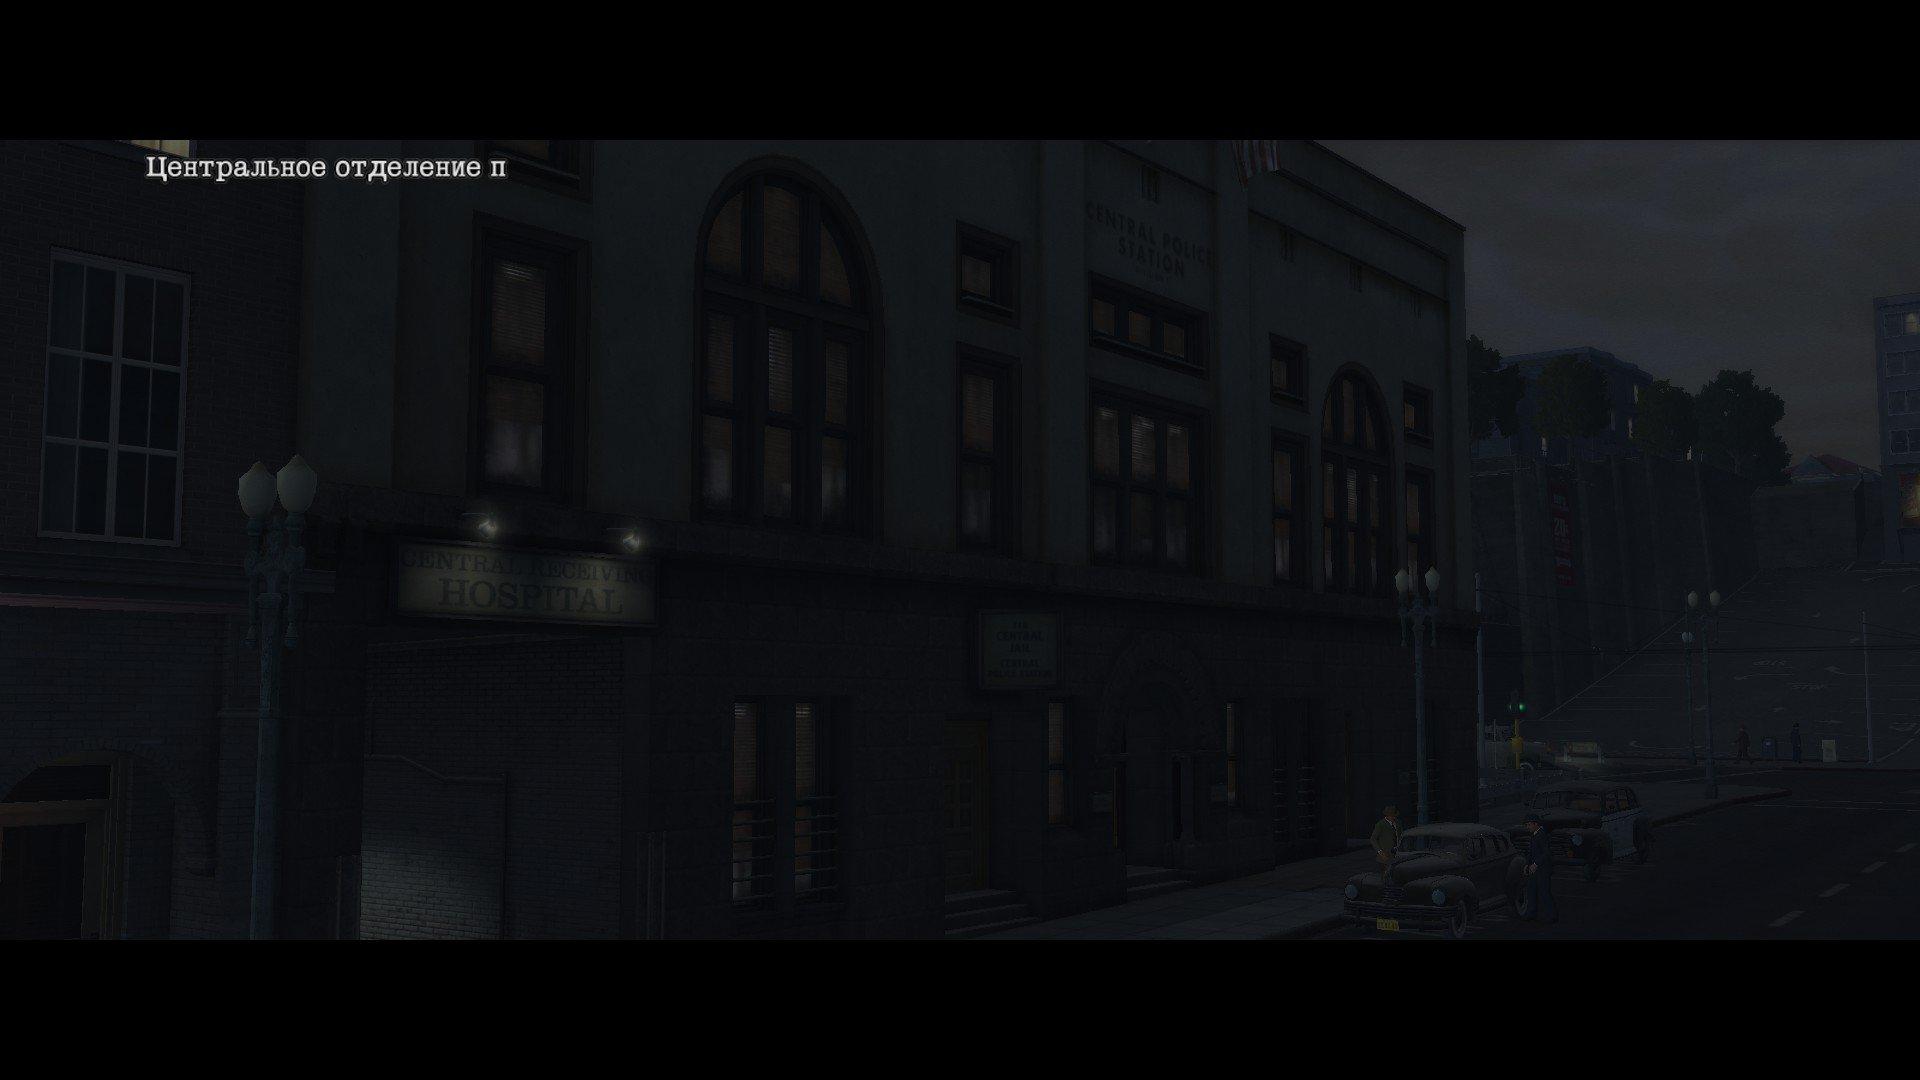 Пост-прохождение L.A. Noire Часть 11 - Изображение 63